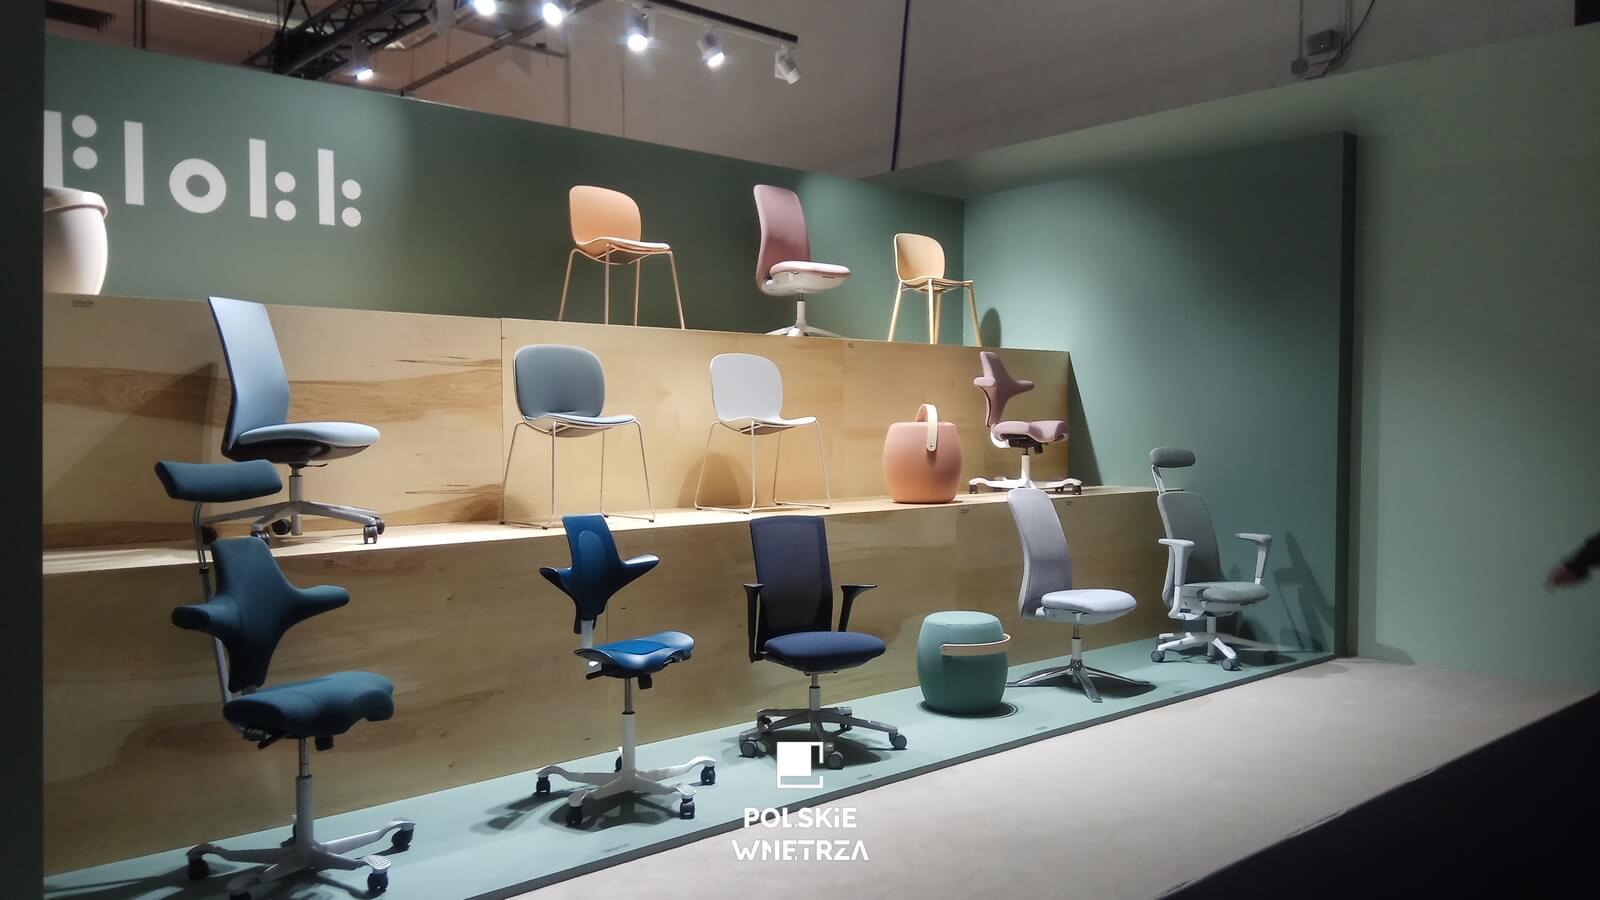 krzesła | 14